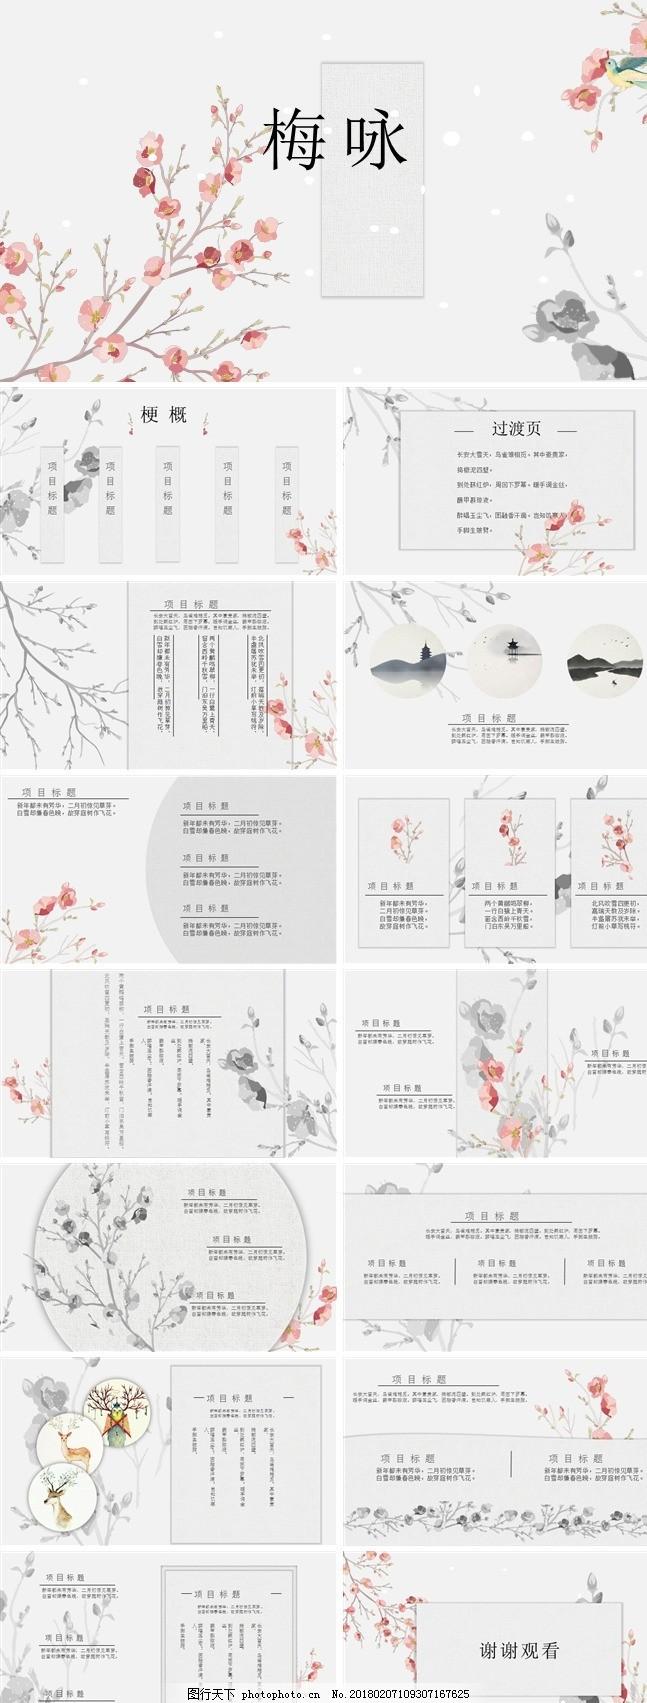 意境中国风PPT,水墨,古典,淡雅,简约,通用,传统文化